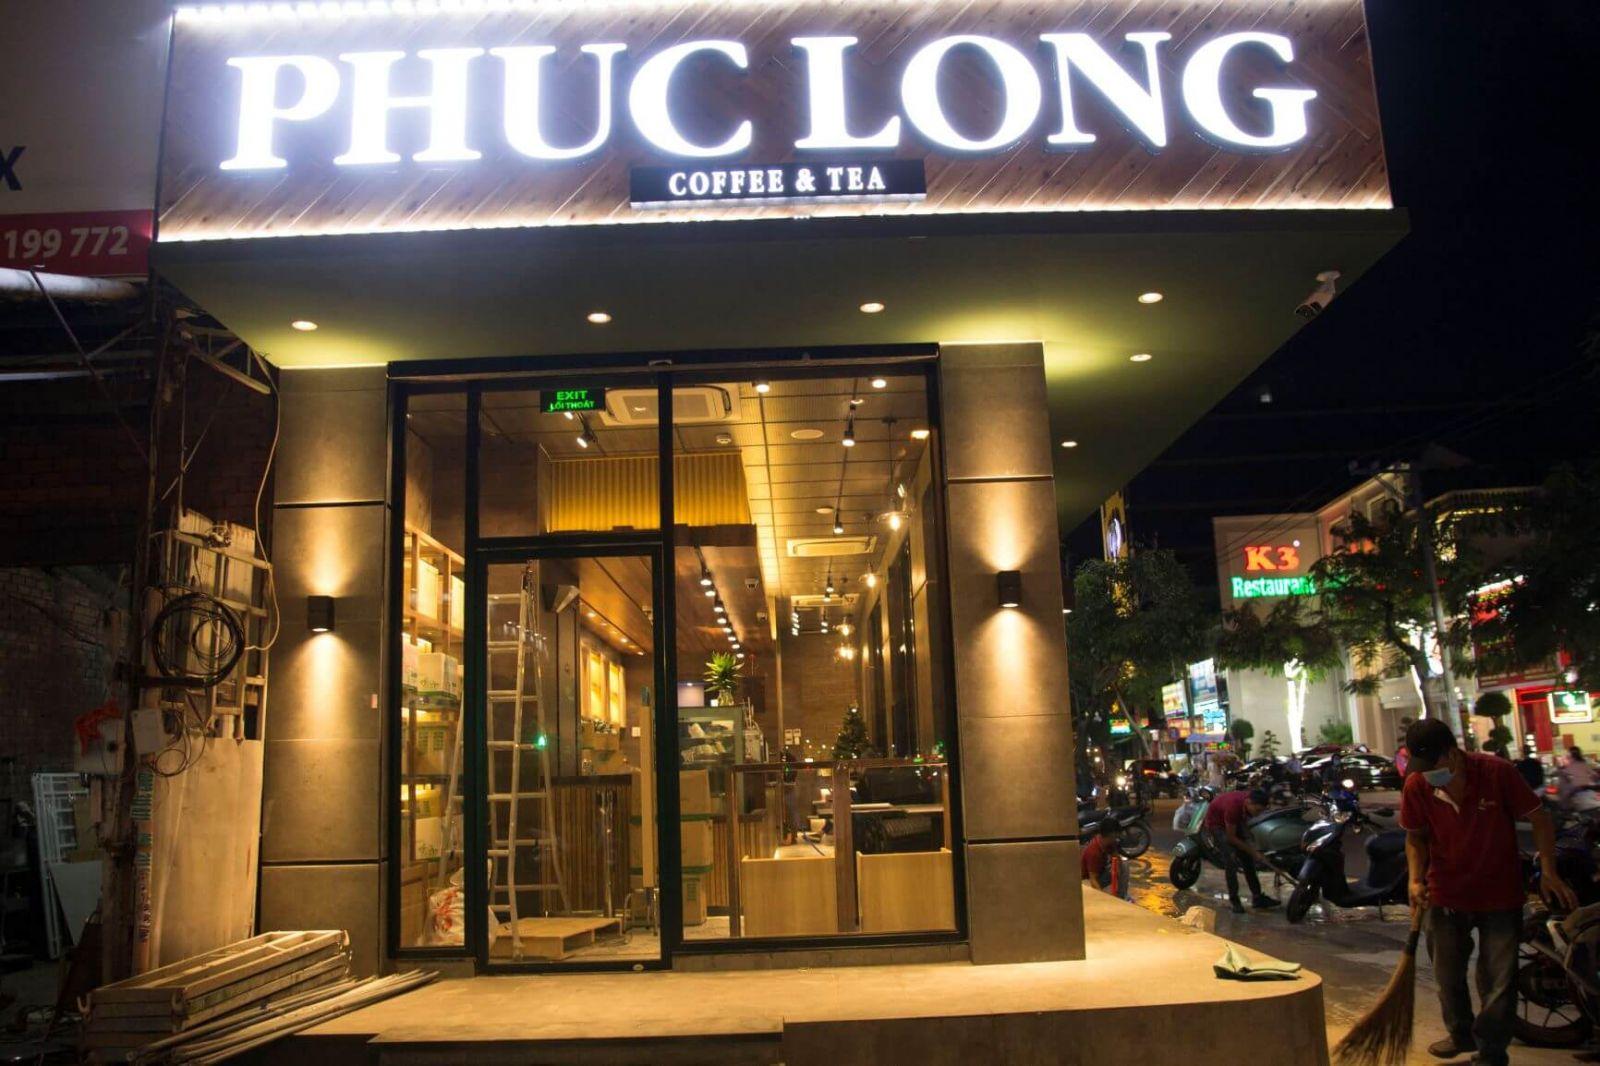 pcm cung cấp nội thất quán cafe phúc long tea